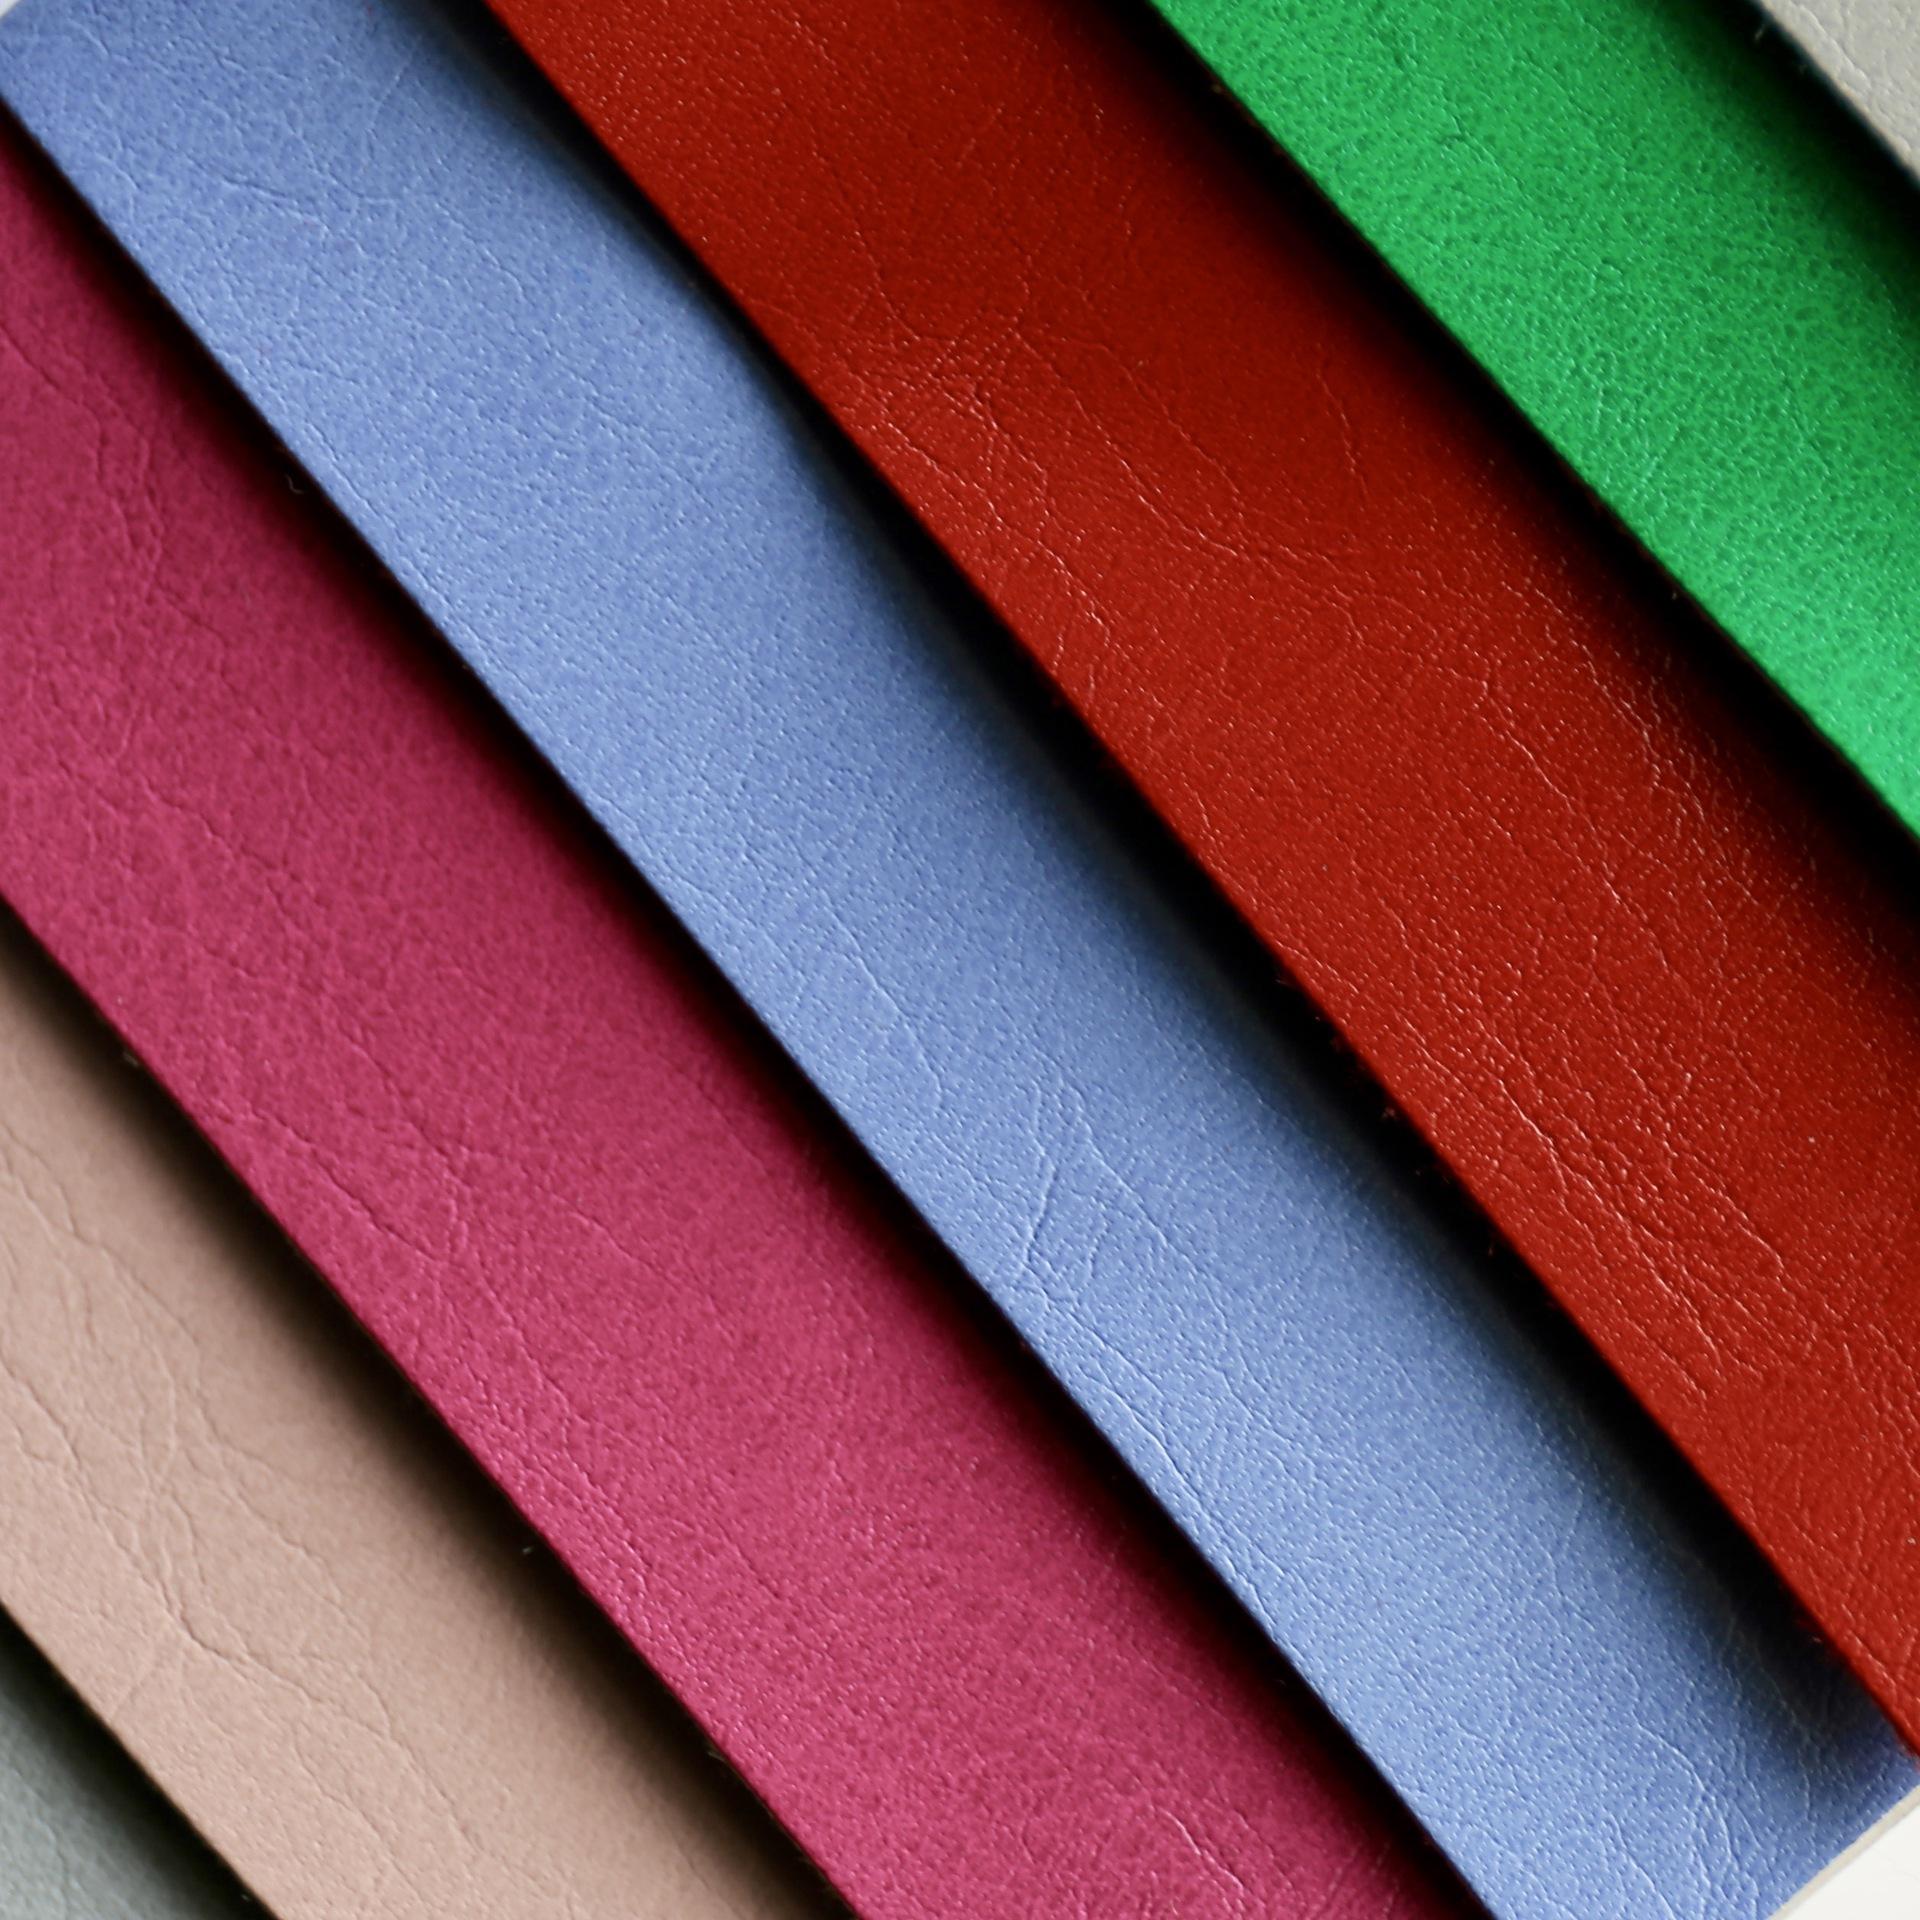 HENGXIAO Simili tổng hợp Da PU đa dạng Độ dày 0,3mm ~ 2,0mm Chiều rộng vải da 137cm Dầu sáp da tổng